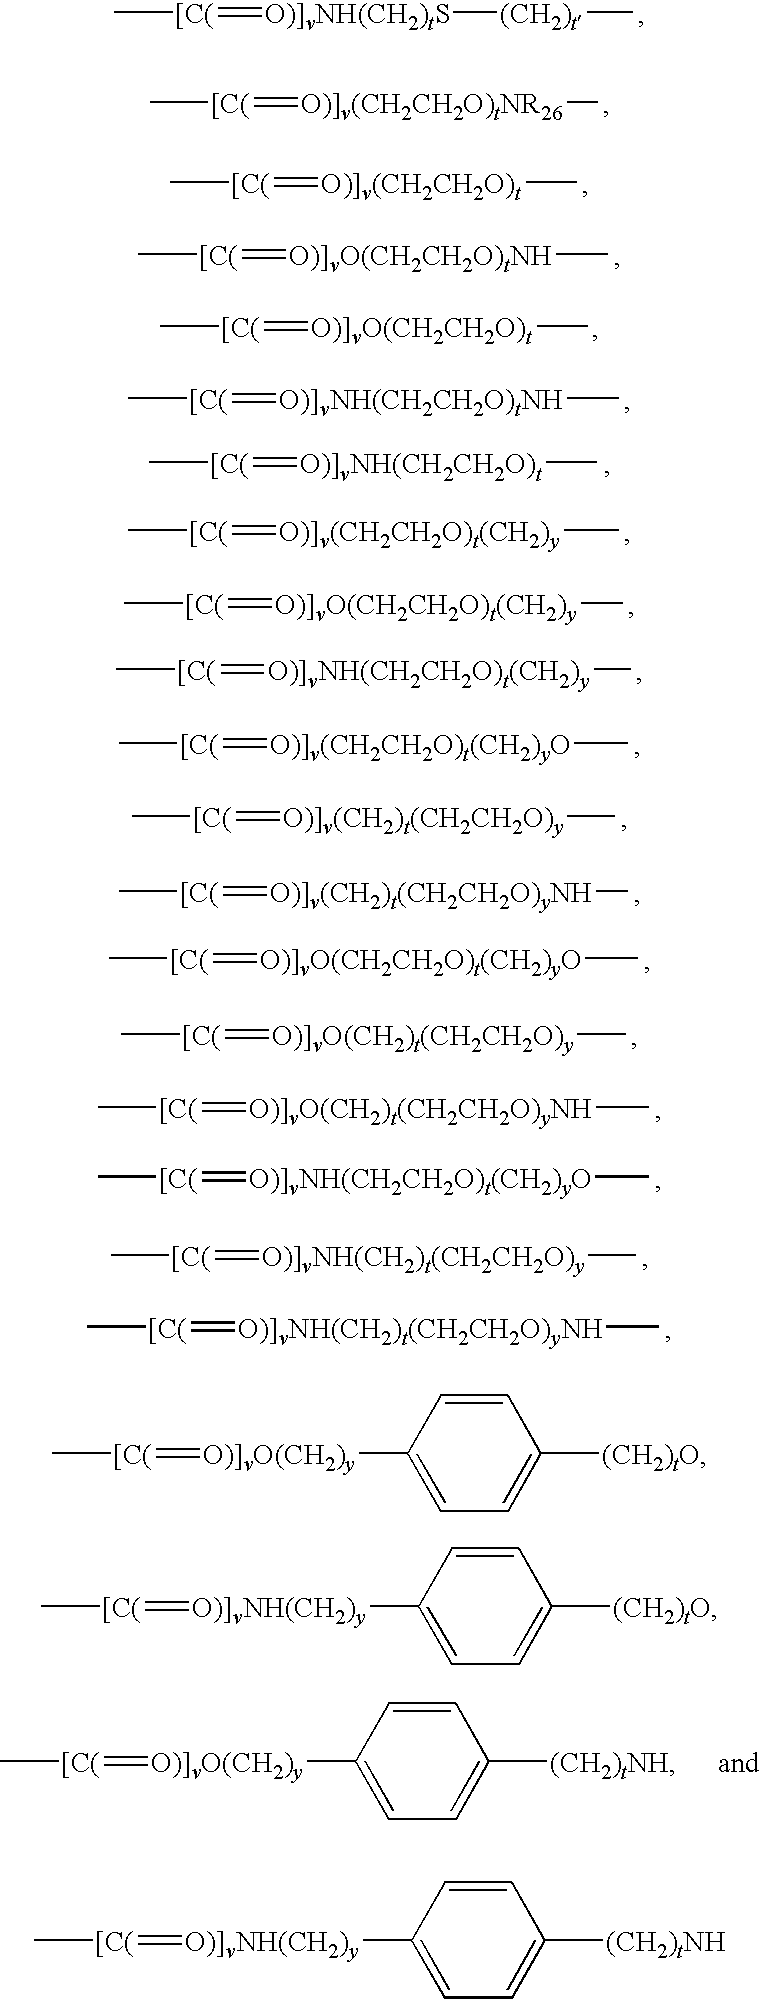 Figure US20100056555A1-20100304-C00025